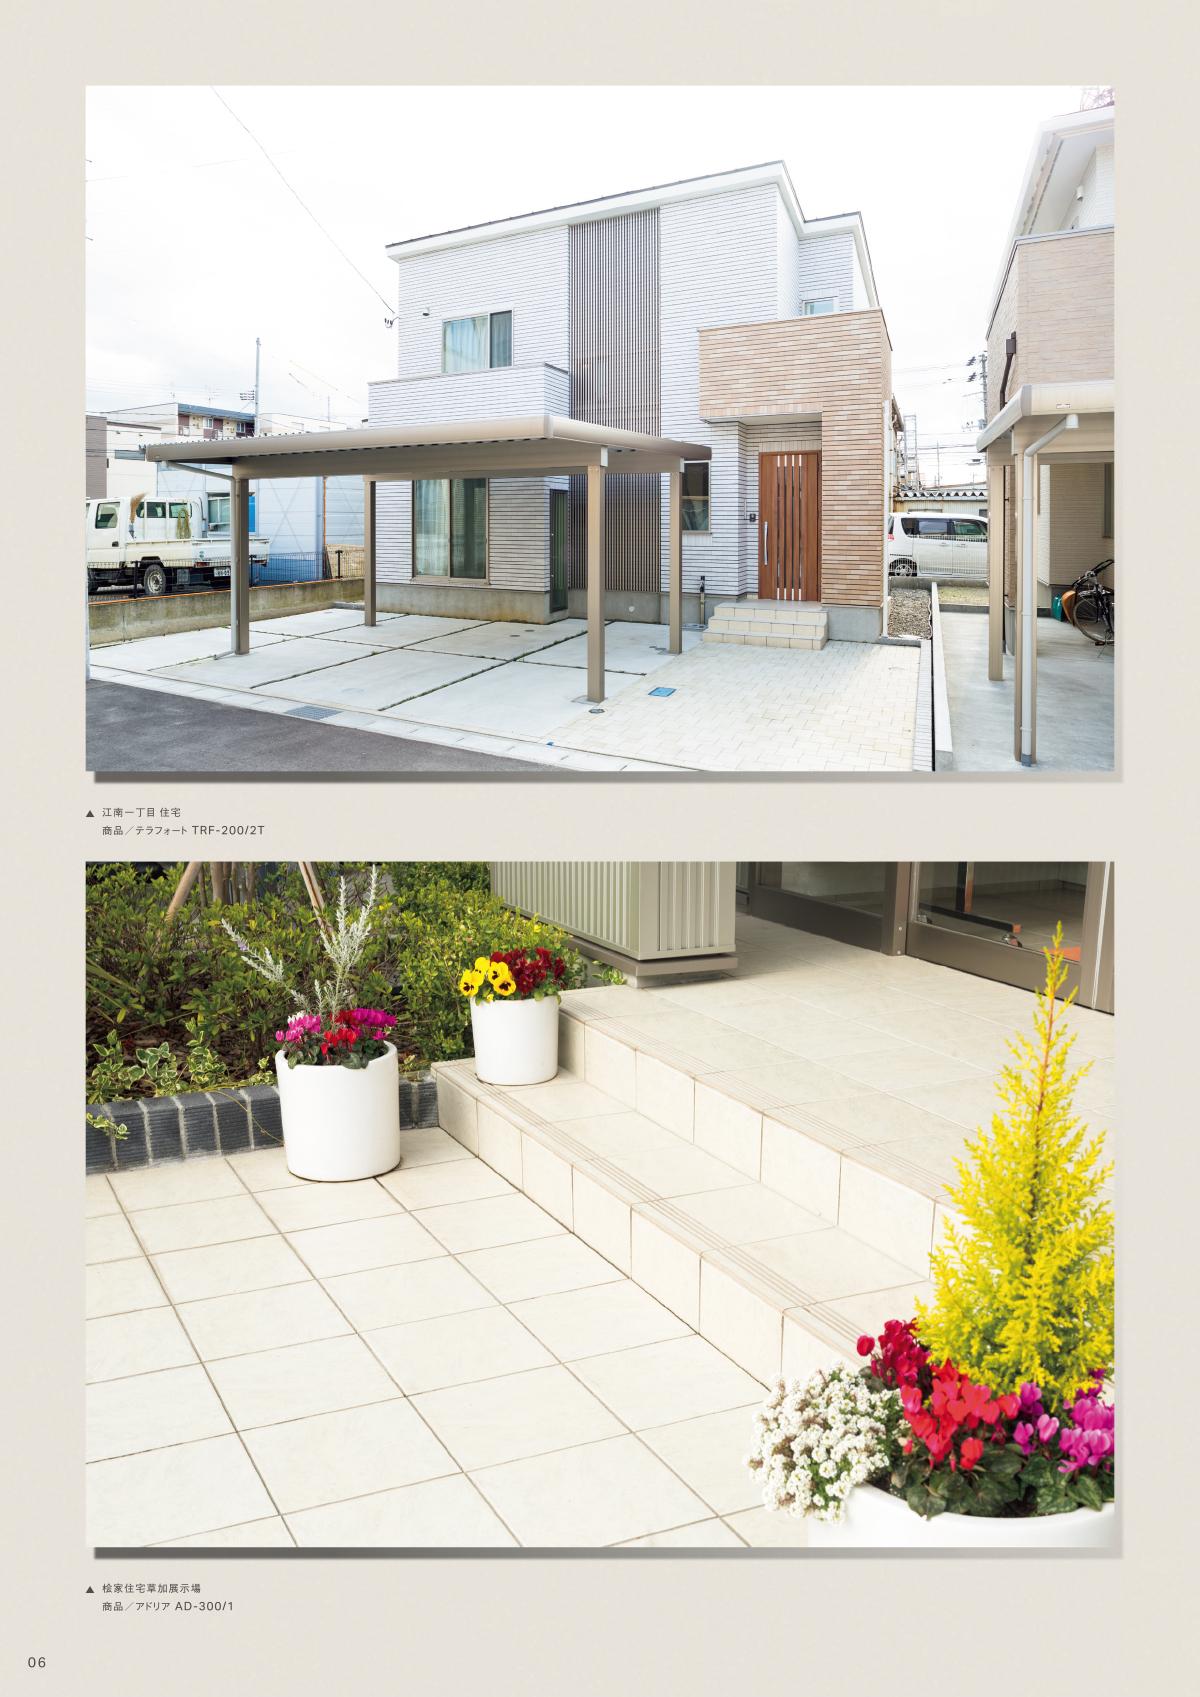 新井窯業施工事例P06